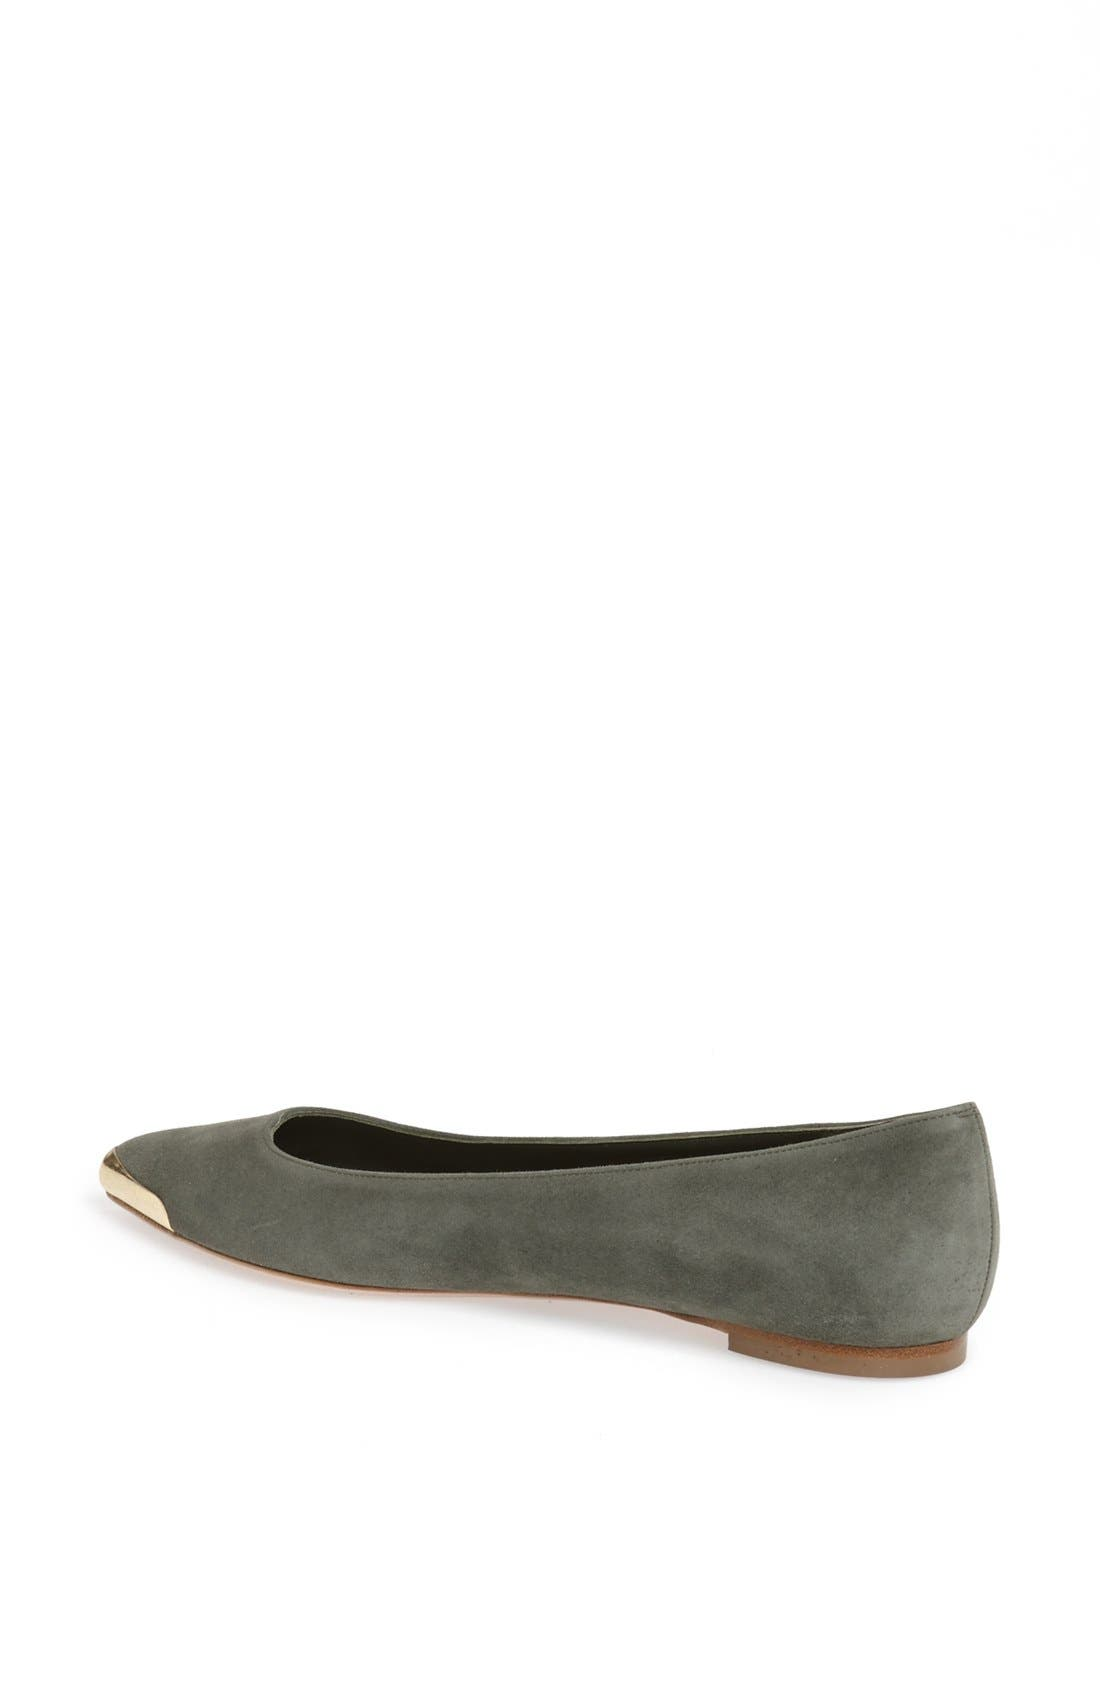 Alternate Image 2  - Alexander McQueen Metal Toe Ballet Flat